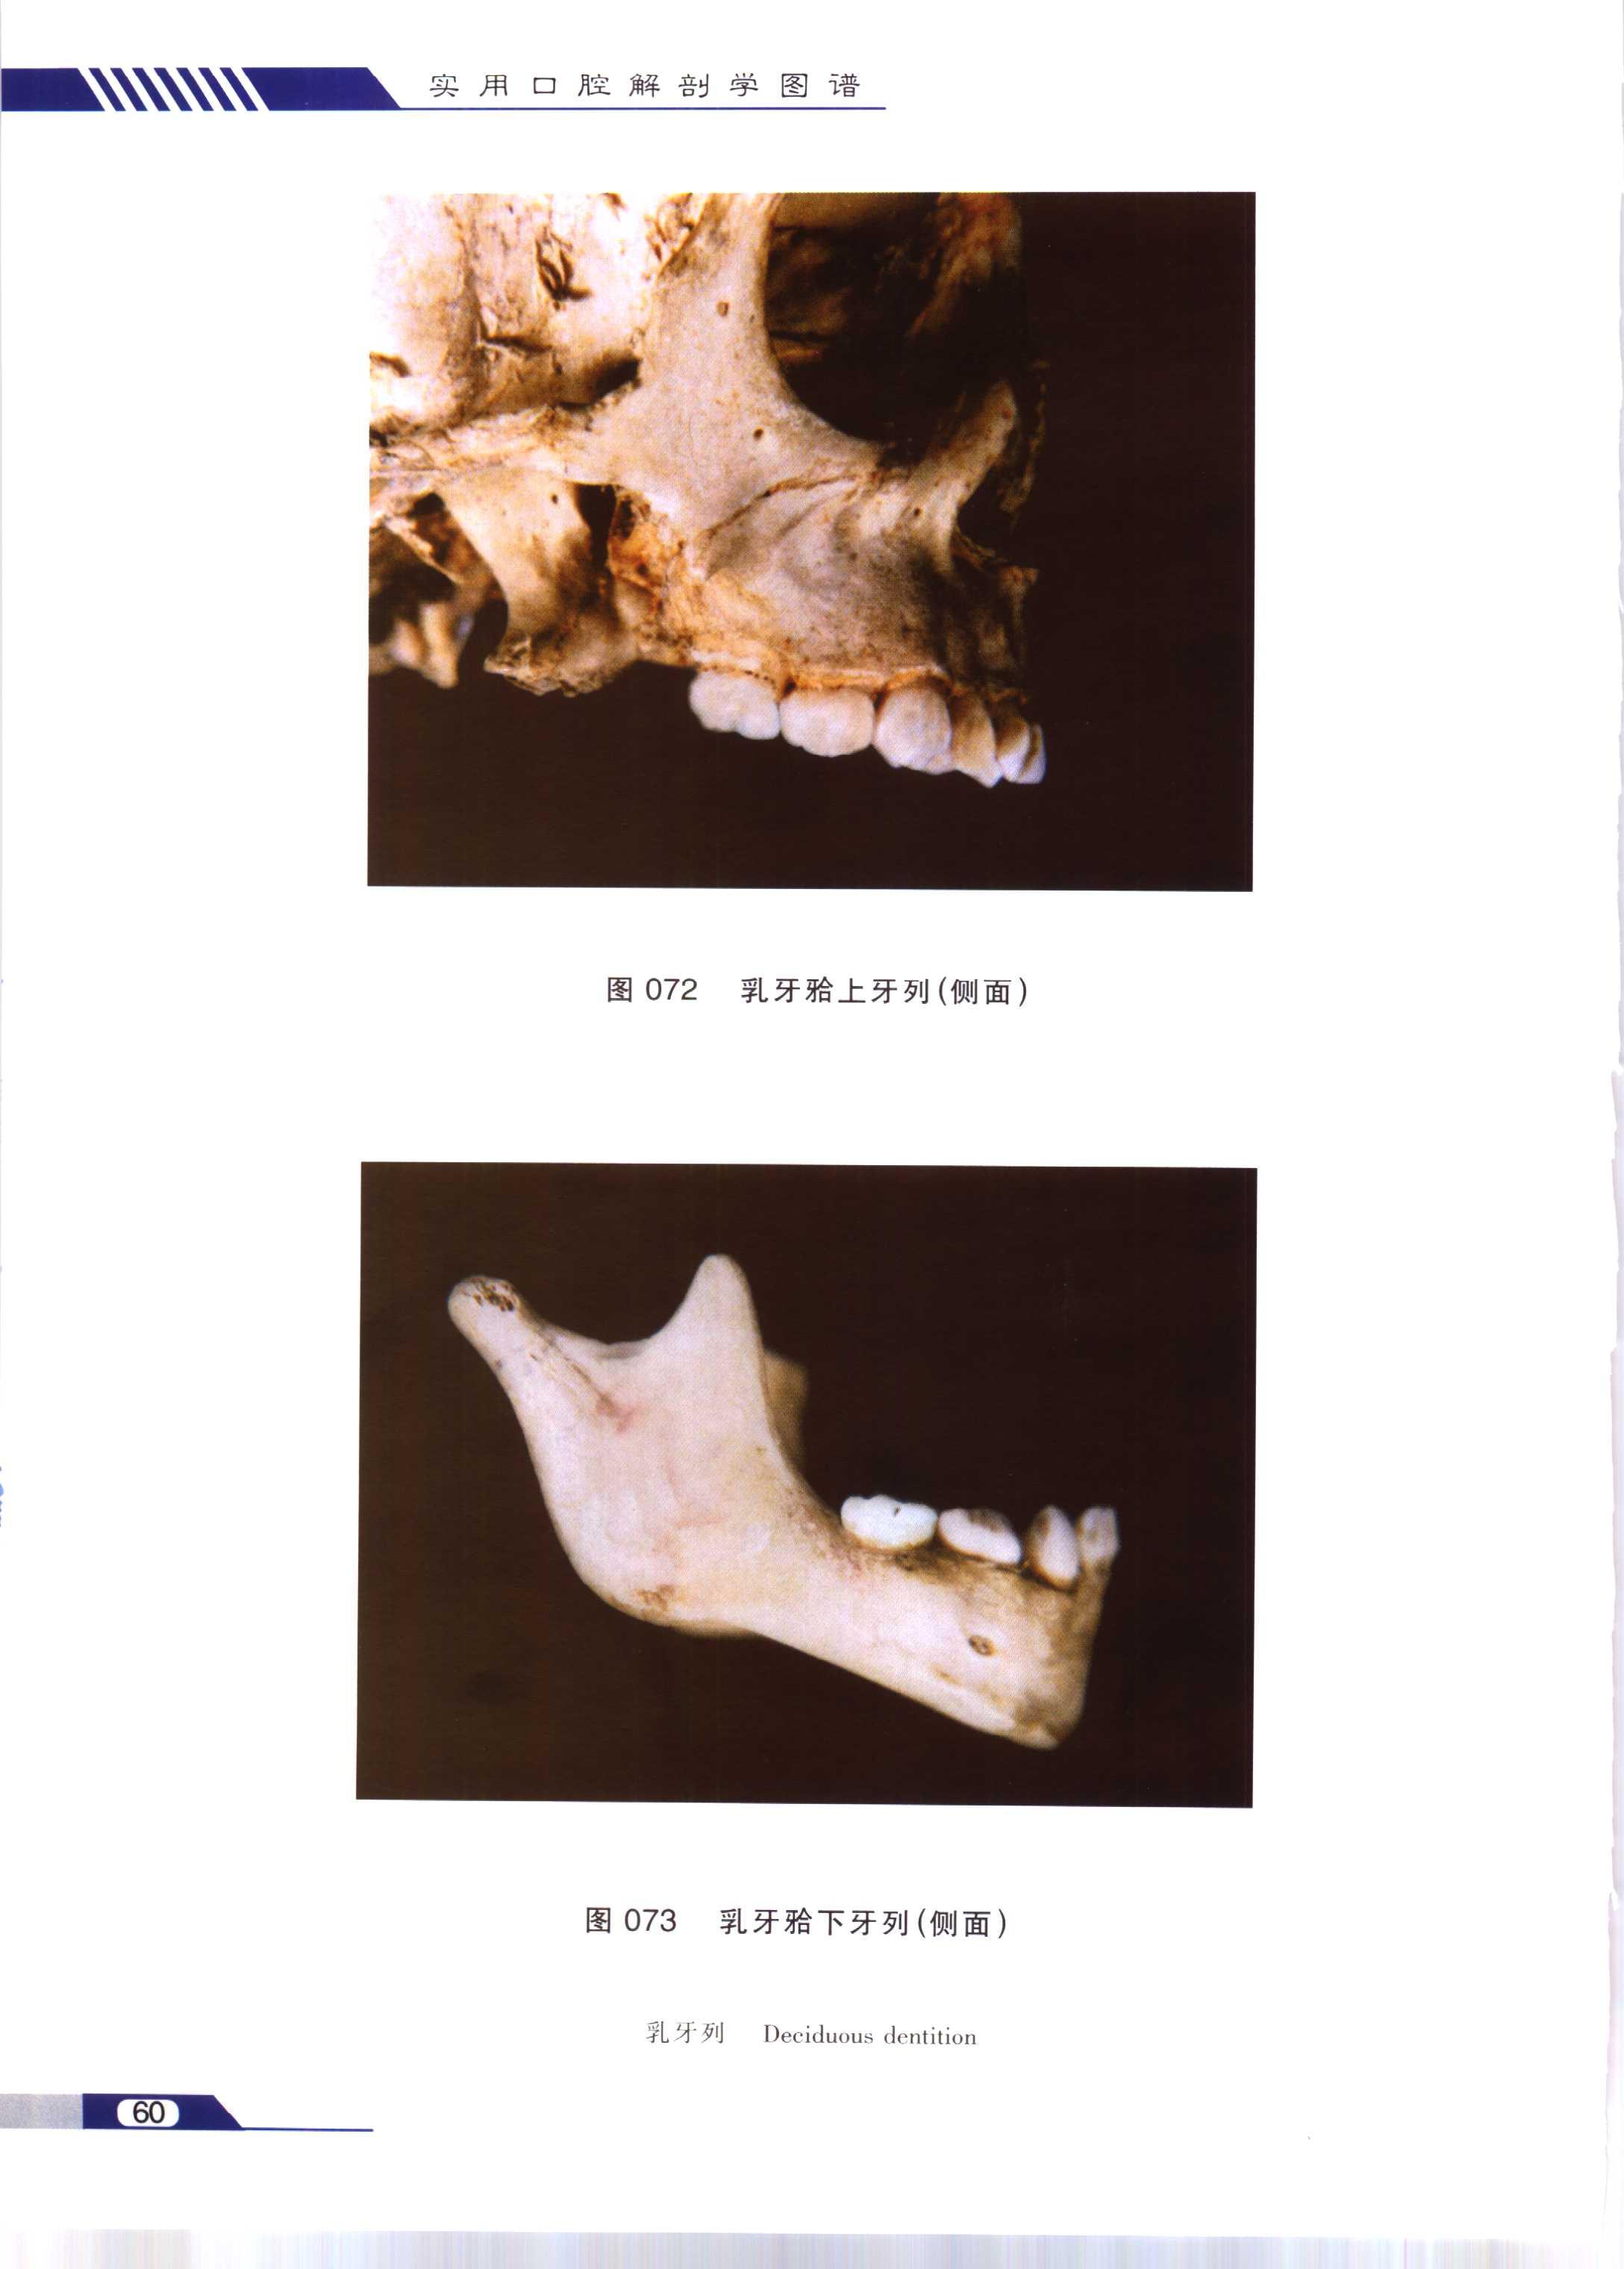 系列图谱 口腔解剖学 三